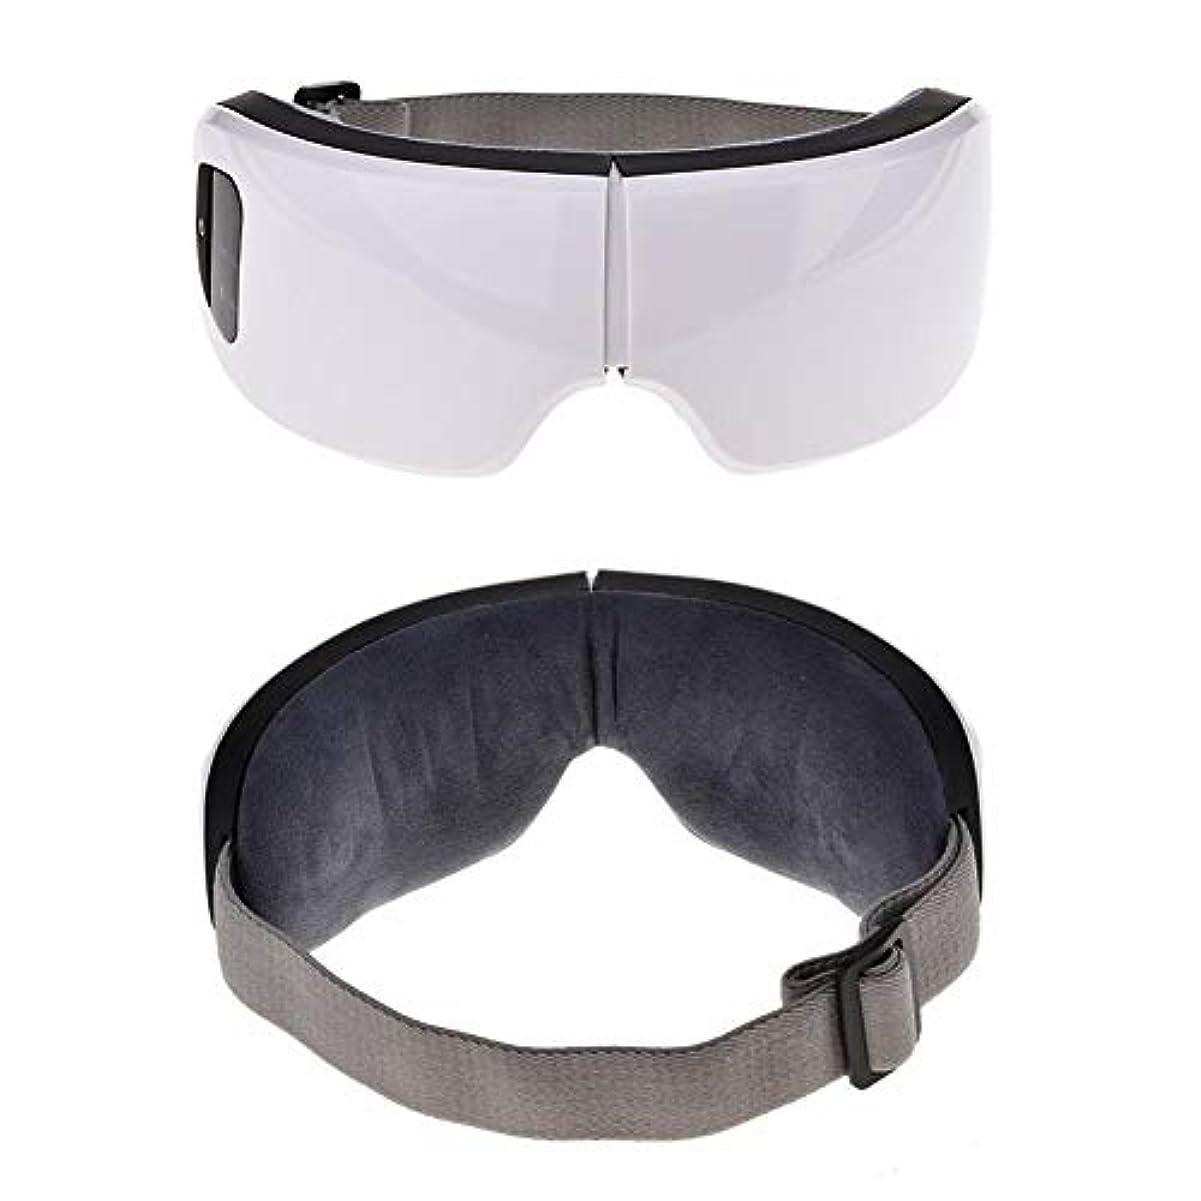 ビデオ崩壊手つかずの目のケアツール6 sワイヤレスUSB充電式Bluetooth折りたたみ式アイマッサージャー調整可能な空気圧アイプロテクターリリーフ睡眠旅行クリスマスギフト